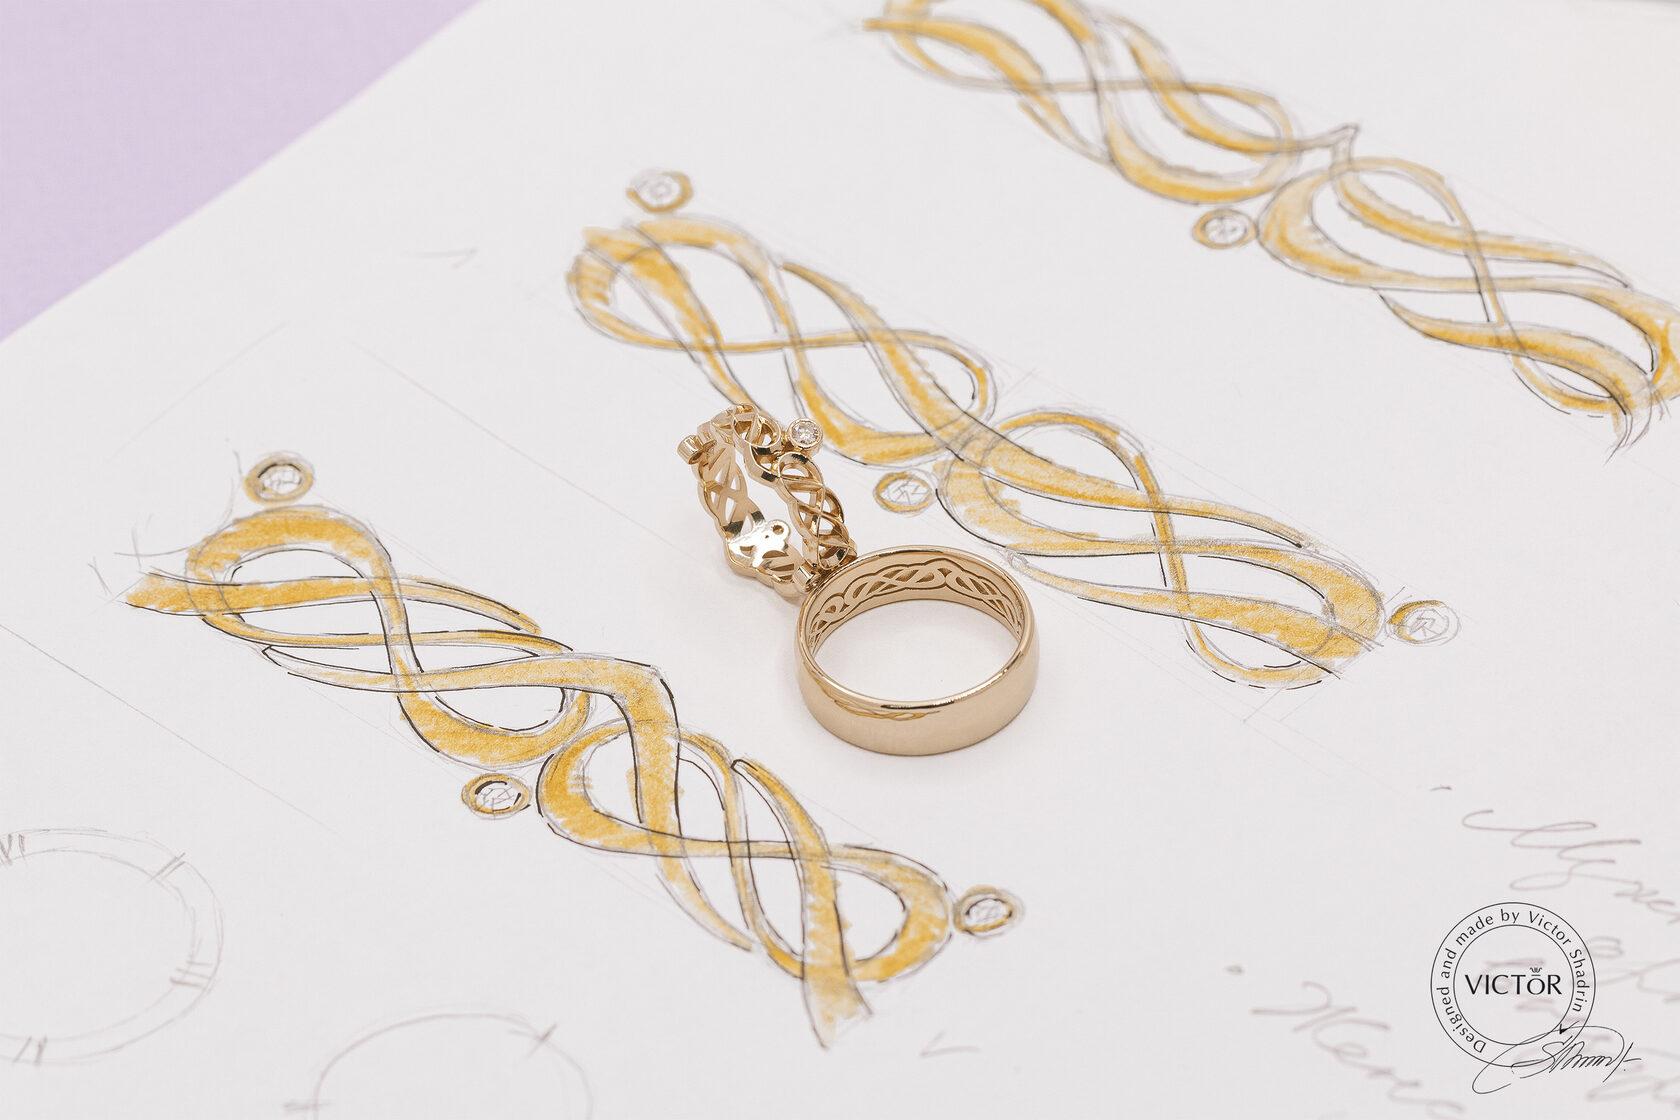 Обручальные кольца на заказ от производителя в Москве по выгодной цене. Ювелирная студия Виктора Шадрина